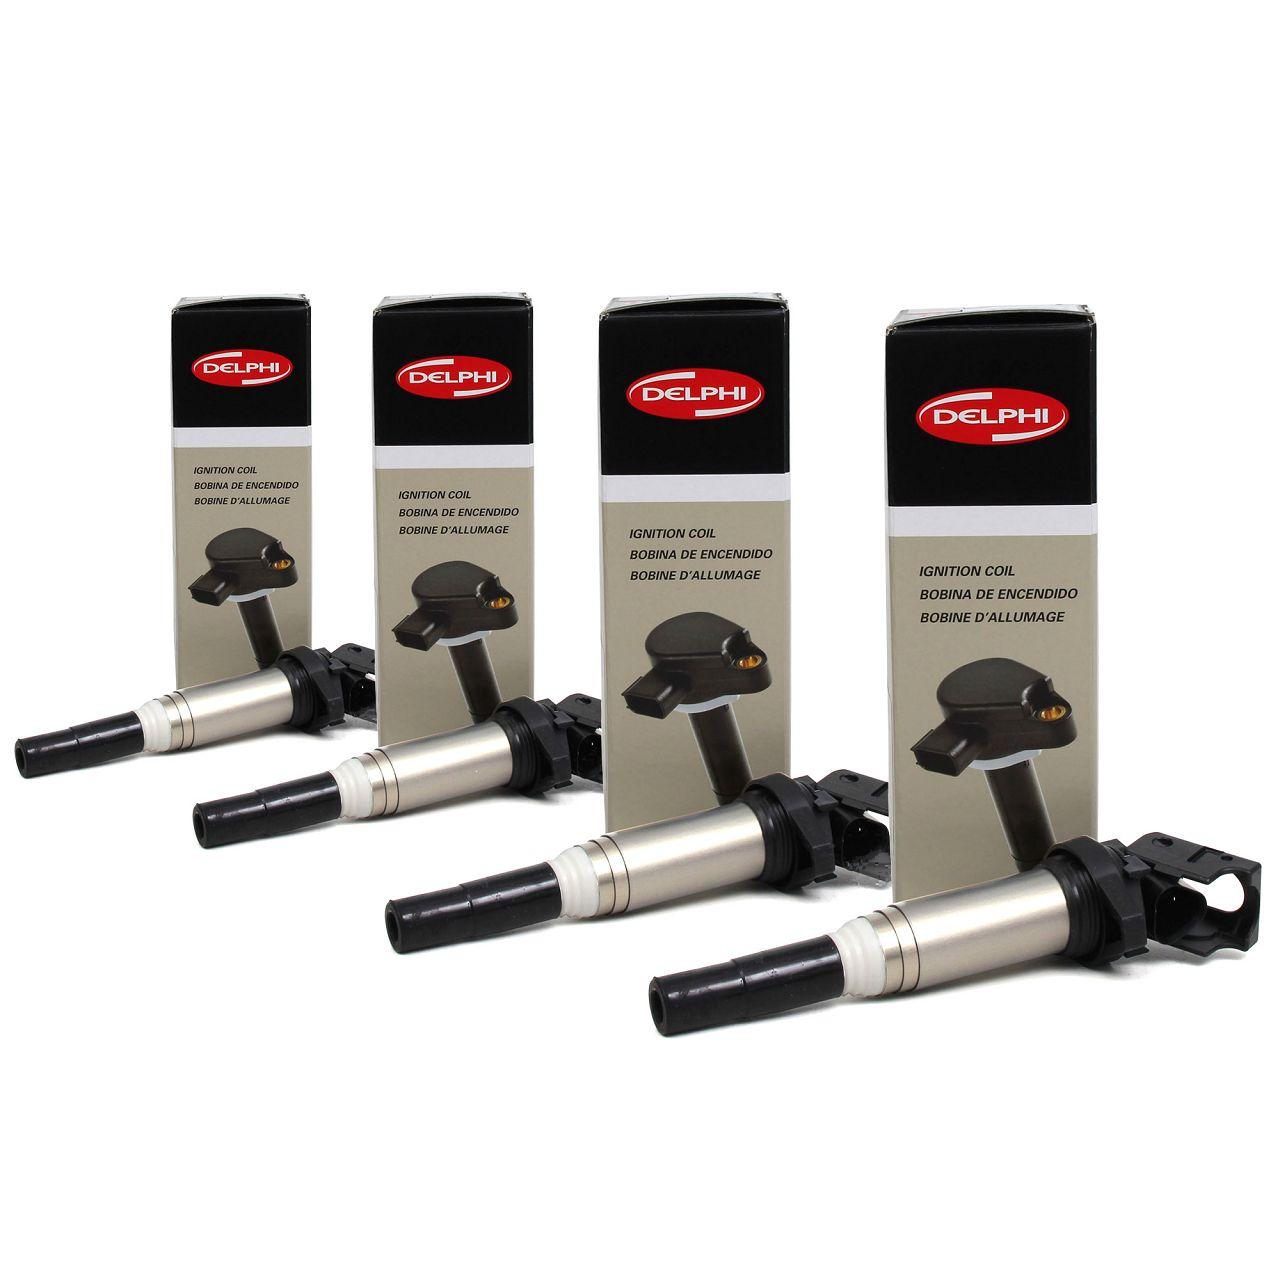 4x DELPHI GN10571-12B1 Zündspule für BMW & MINI 4 Zylinder BENZINER 12138616153